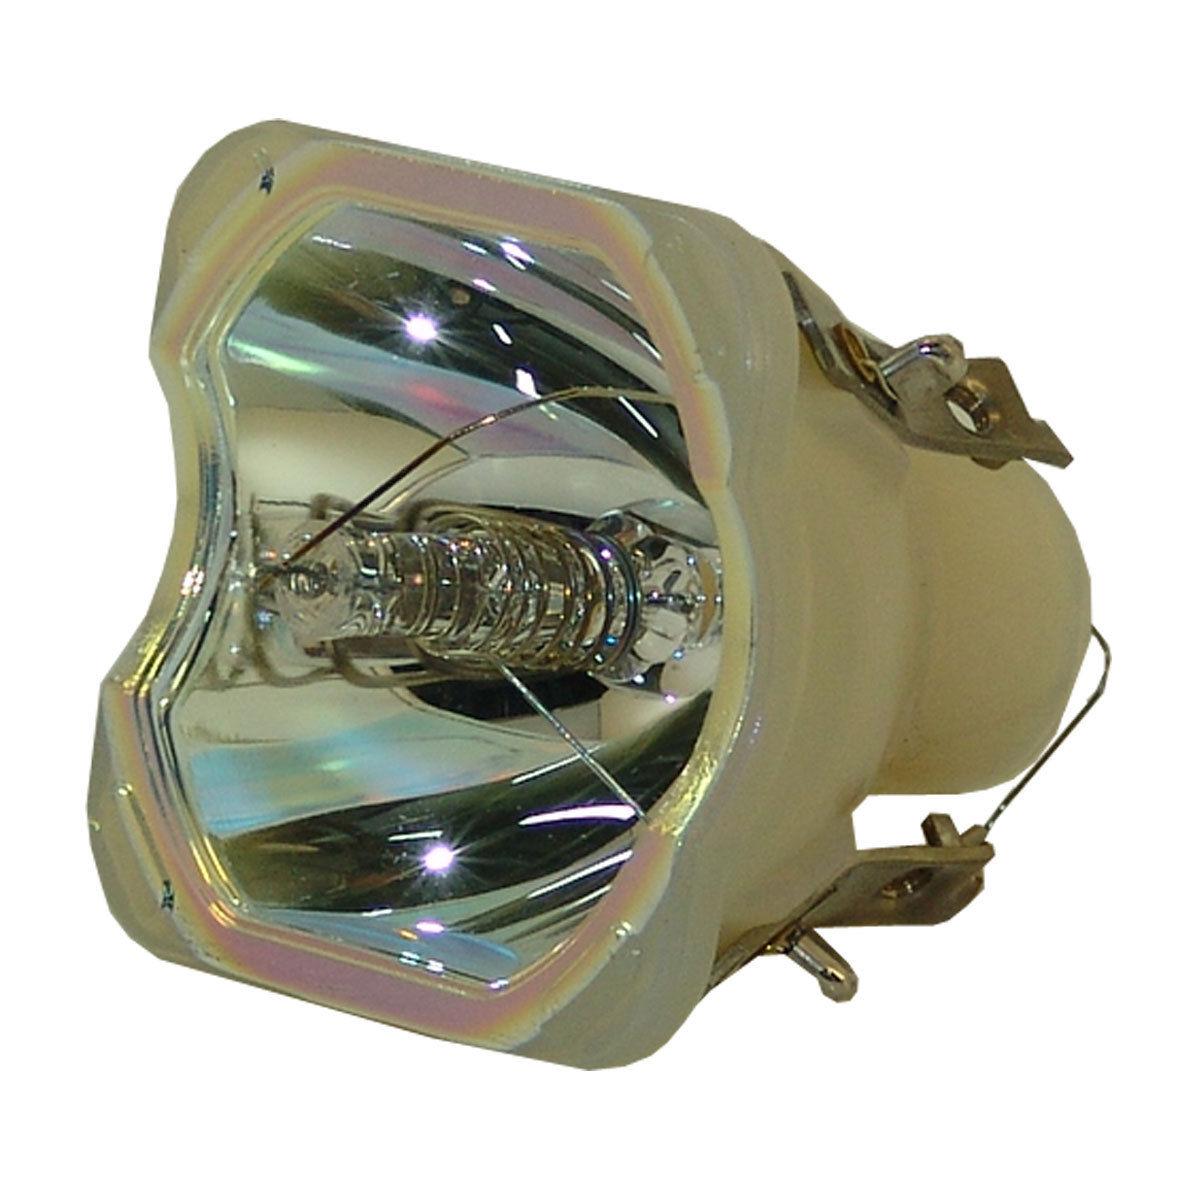 POA-LMP131 LMP131 610-343-2069 for SANYO PLC-WXU300 PLC-XU300 PLCXU301 PLC-XU305 PLC-XU350 PLC-XU355 Projector Lamp Bulb WIthout original projector lamp poa lmp131 610 343 2069 for plc wxu300 plc xu300 plc xu301 plc xu305 plcxu350 plc xu355